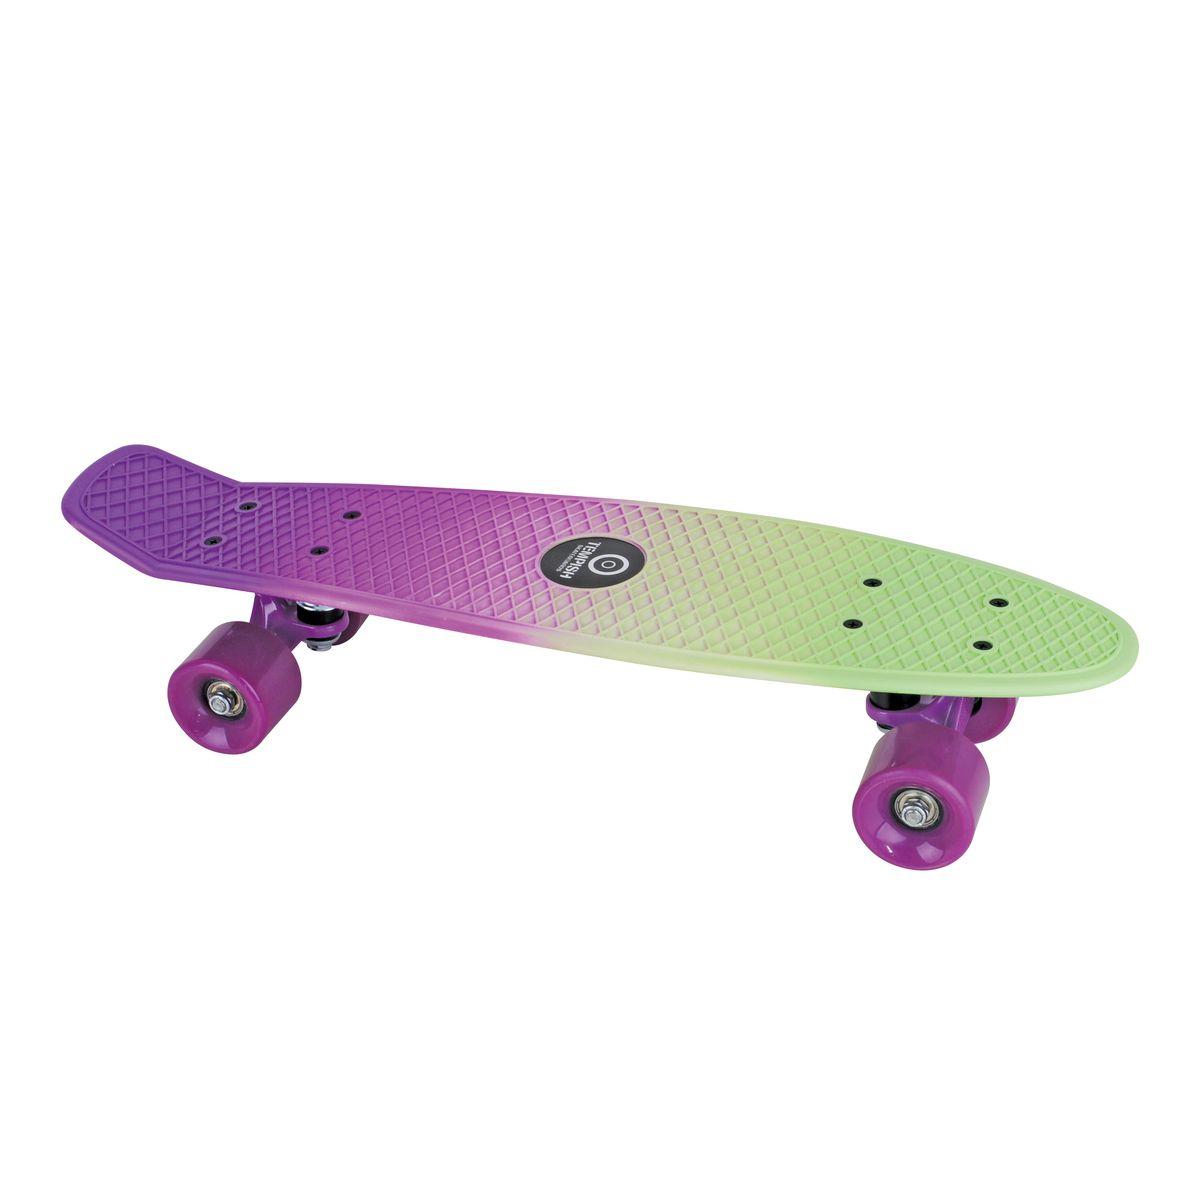 Скейтборд пластиковый Tempish Buffy Sweet, цвет: фиолетовый8592678058091Скейтборд Tempish Buffy Sweet - скейт для начинающих и продвинутых райдеров.Tempish - широкоизвестный в Европе чешский бренд спортивных товаров. Основные направления бренда - это инлайновые роликовые коньки, ледовые коньки и хоккейная амуниция, скейтборды.Скейтборды Tempish - это товары топ-уровня с современным дизайном и изготовленные по лучшим надежным технологиям согласно всем принятым нормам безопасности и качества!